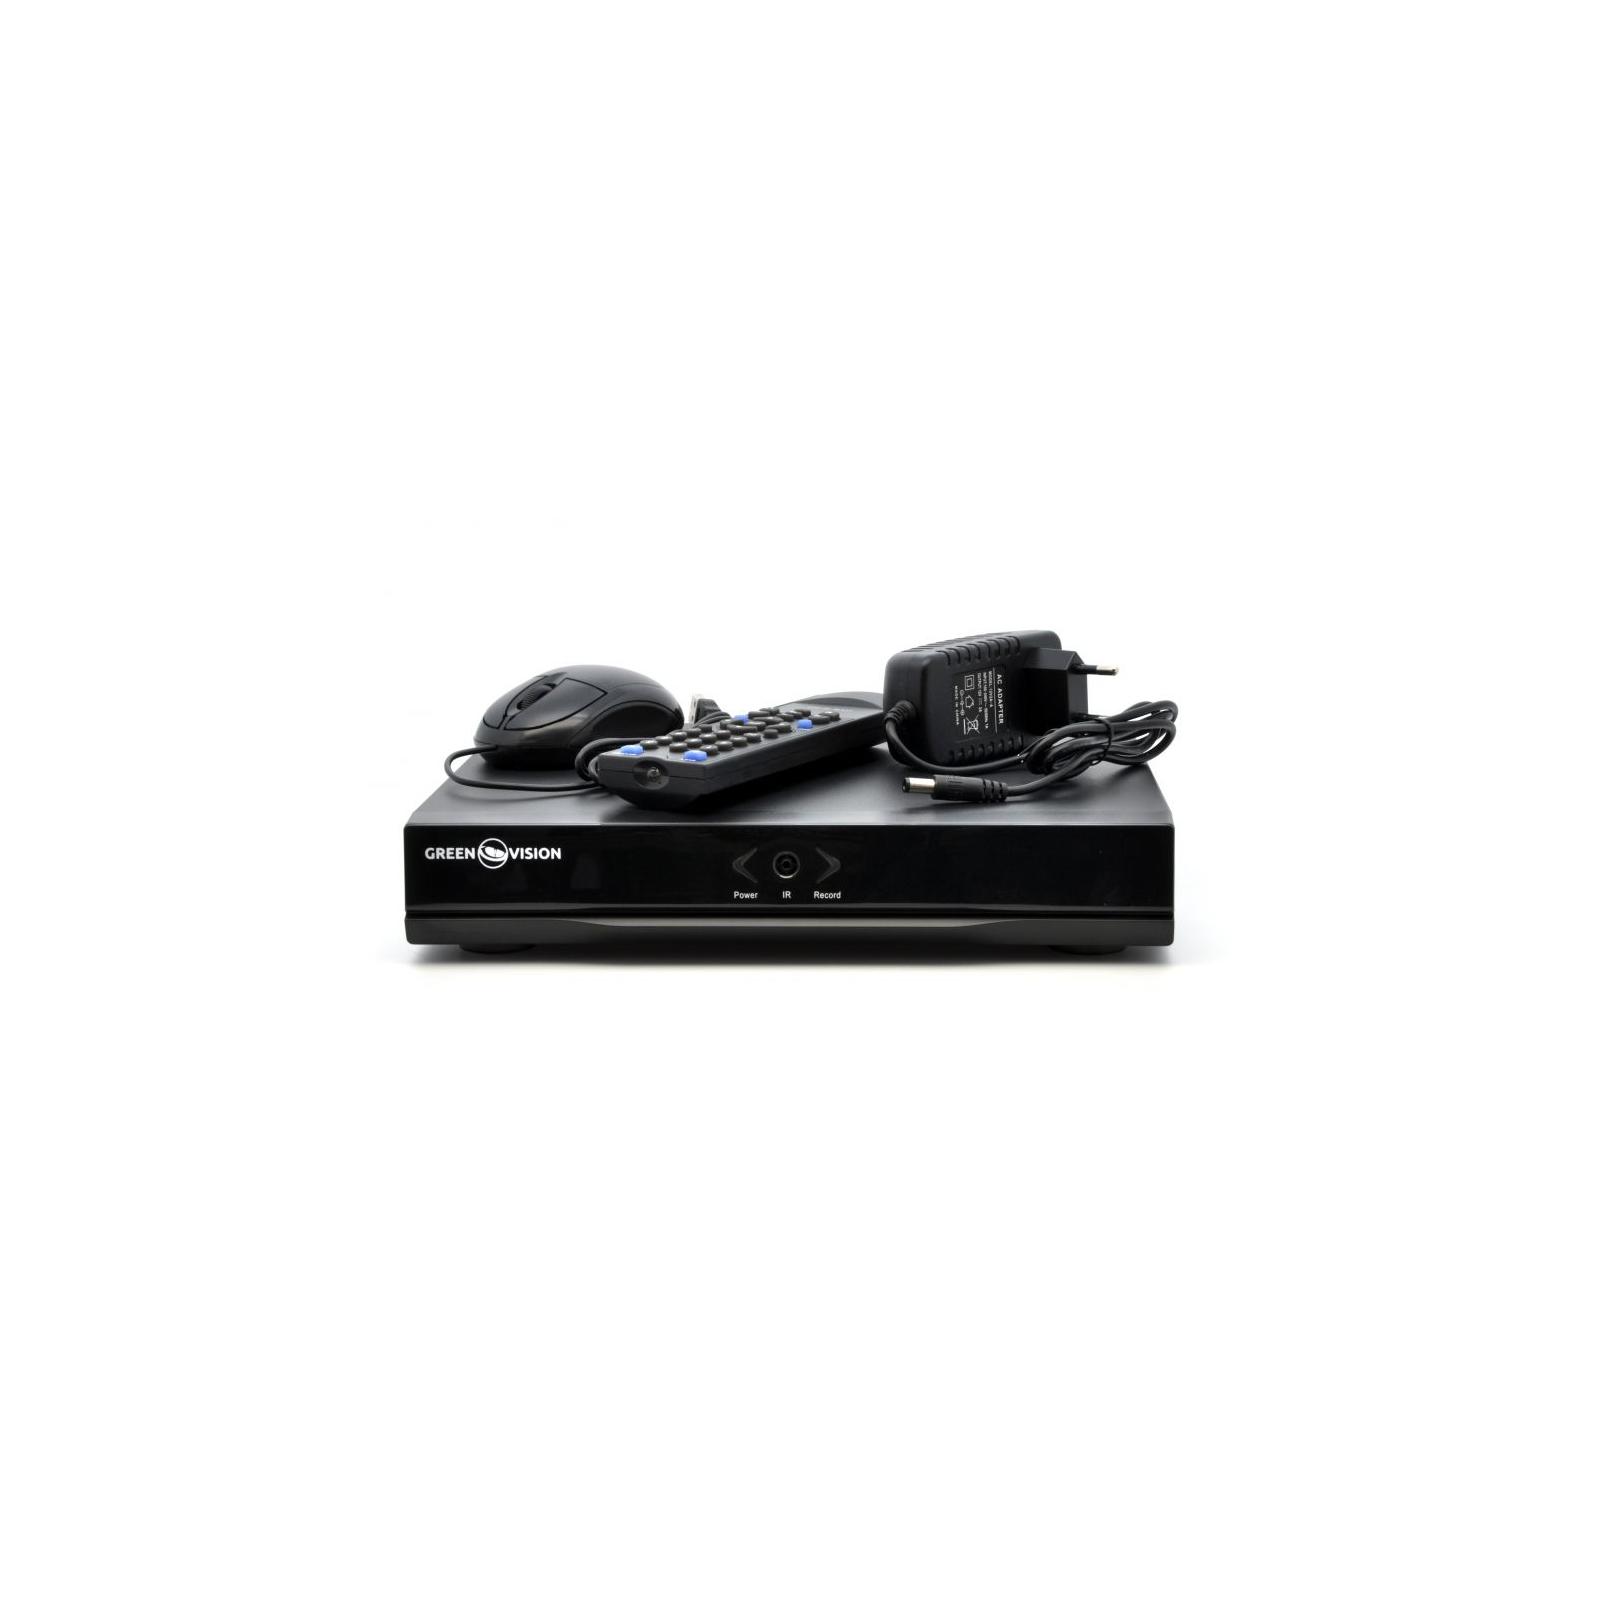 Регистратор для видеонаблюдения GreenVision AHD GV-A-S 030/04 (4237) изображение 5